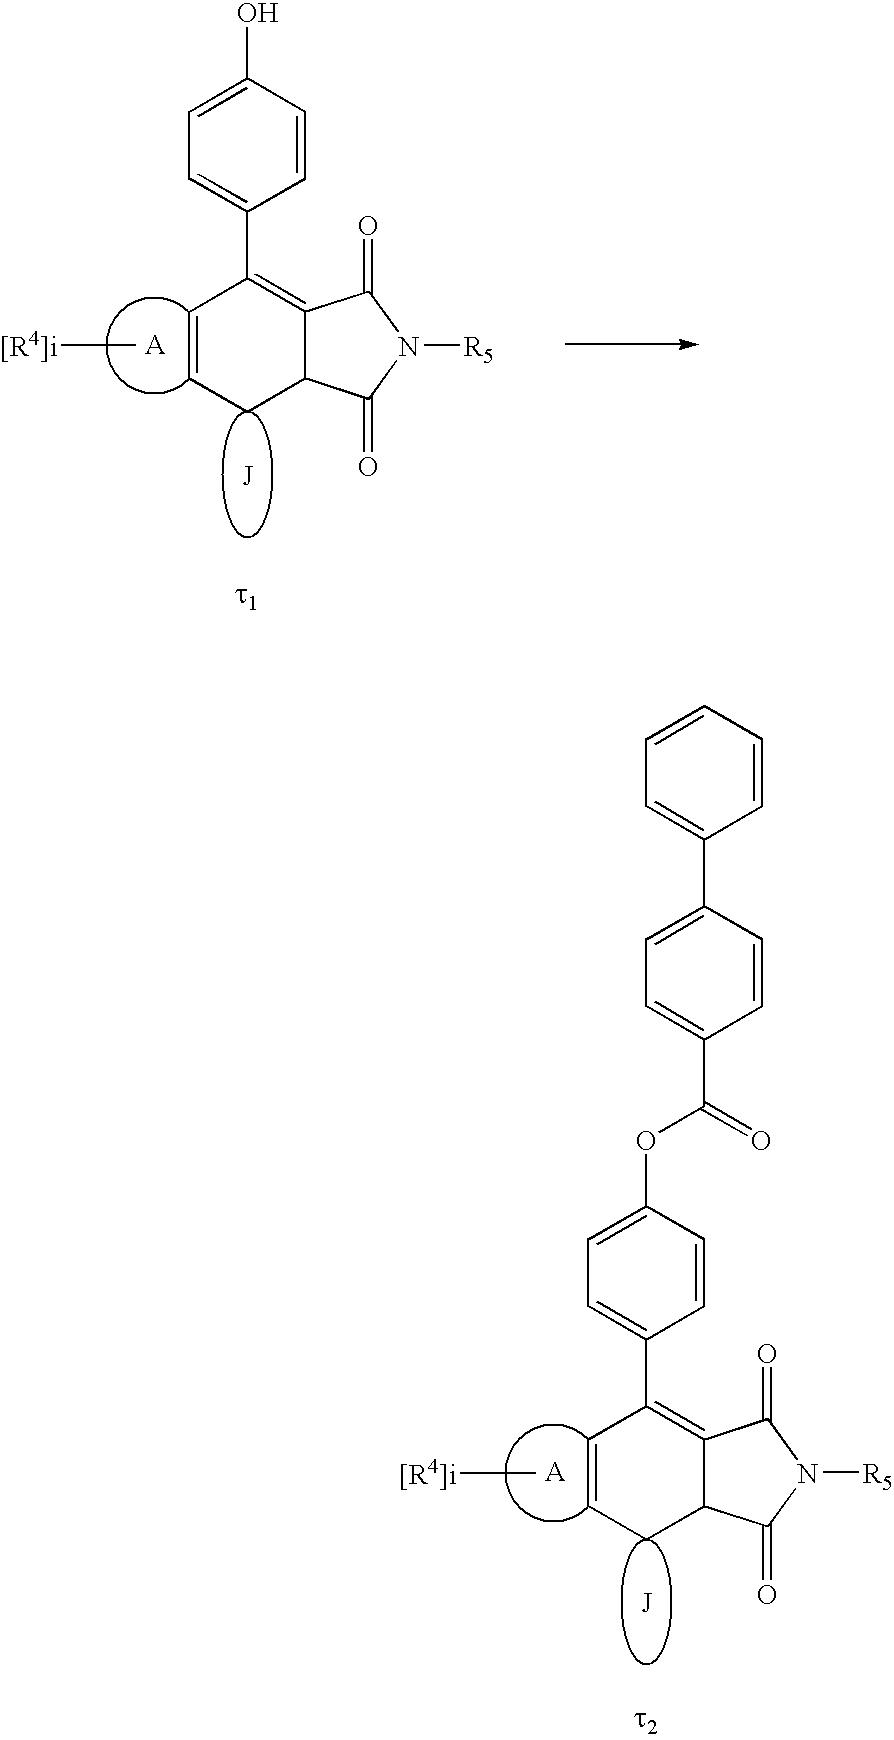 Figure US20070053047A1-20070308-C00037